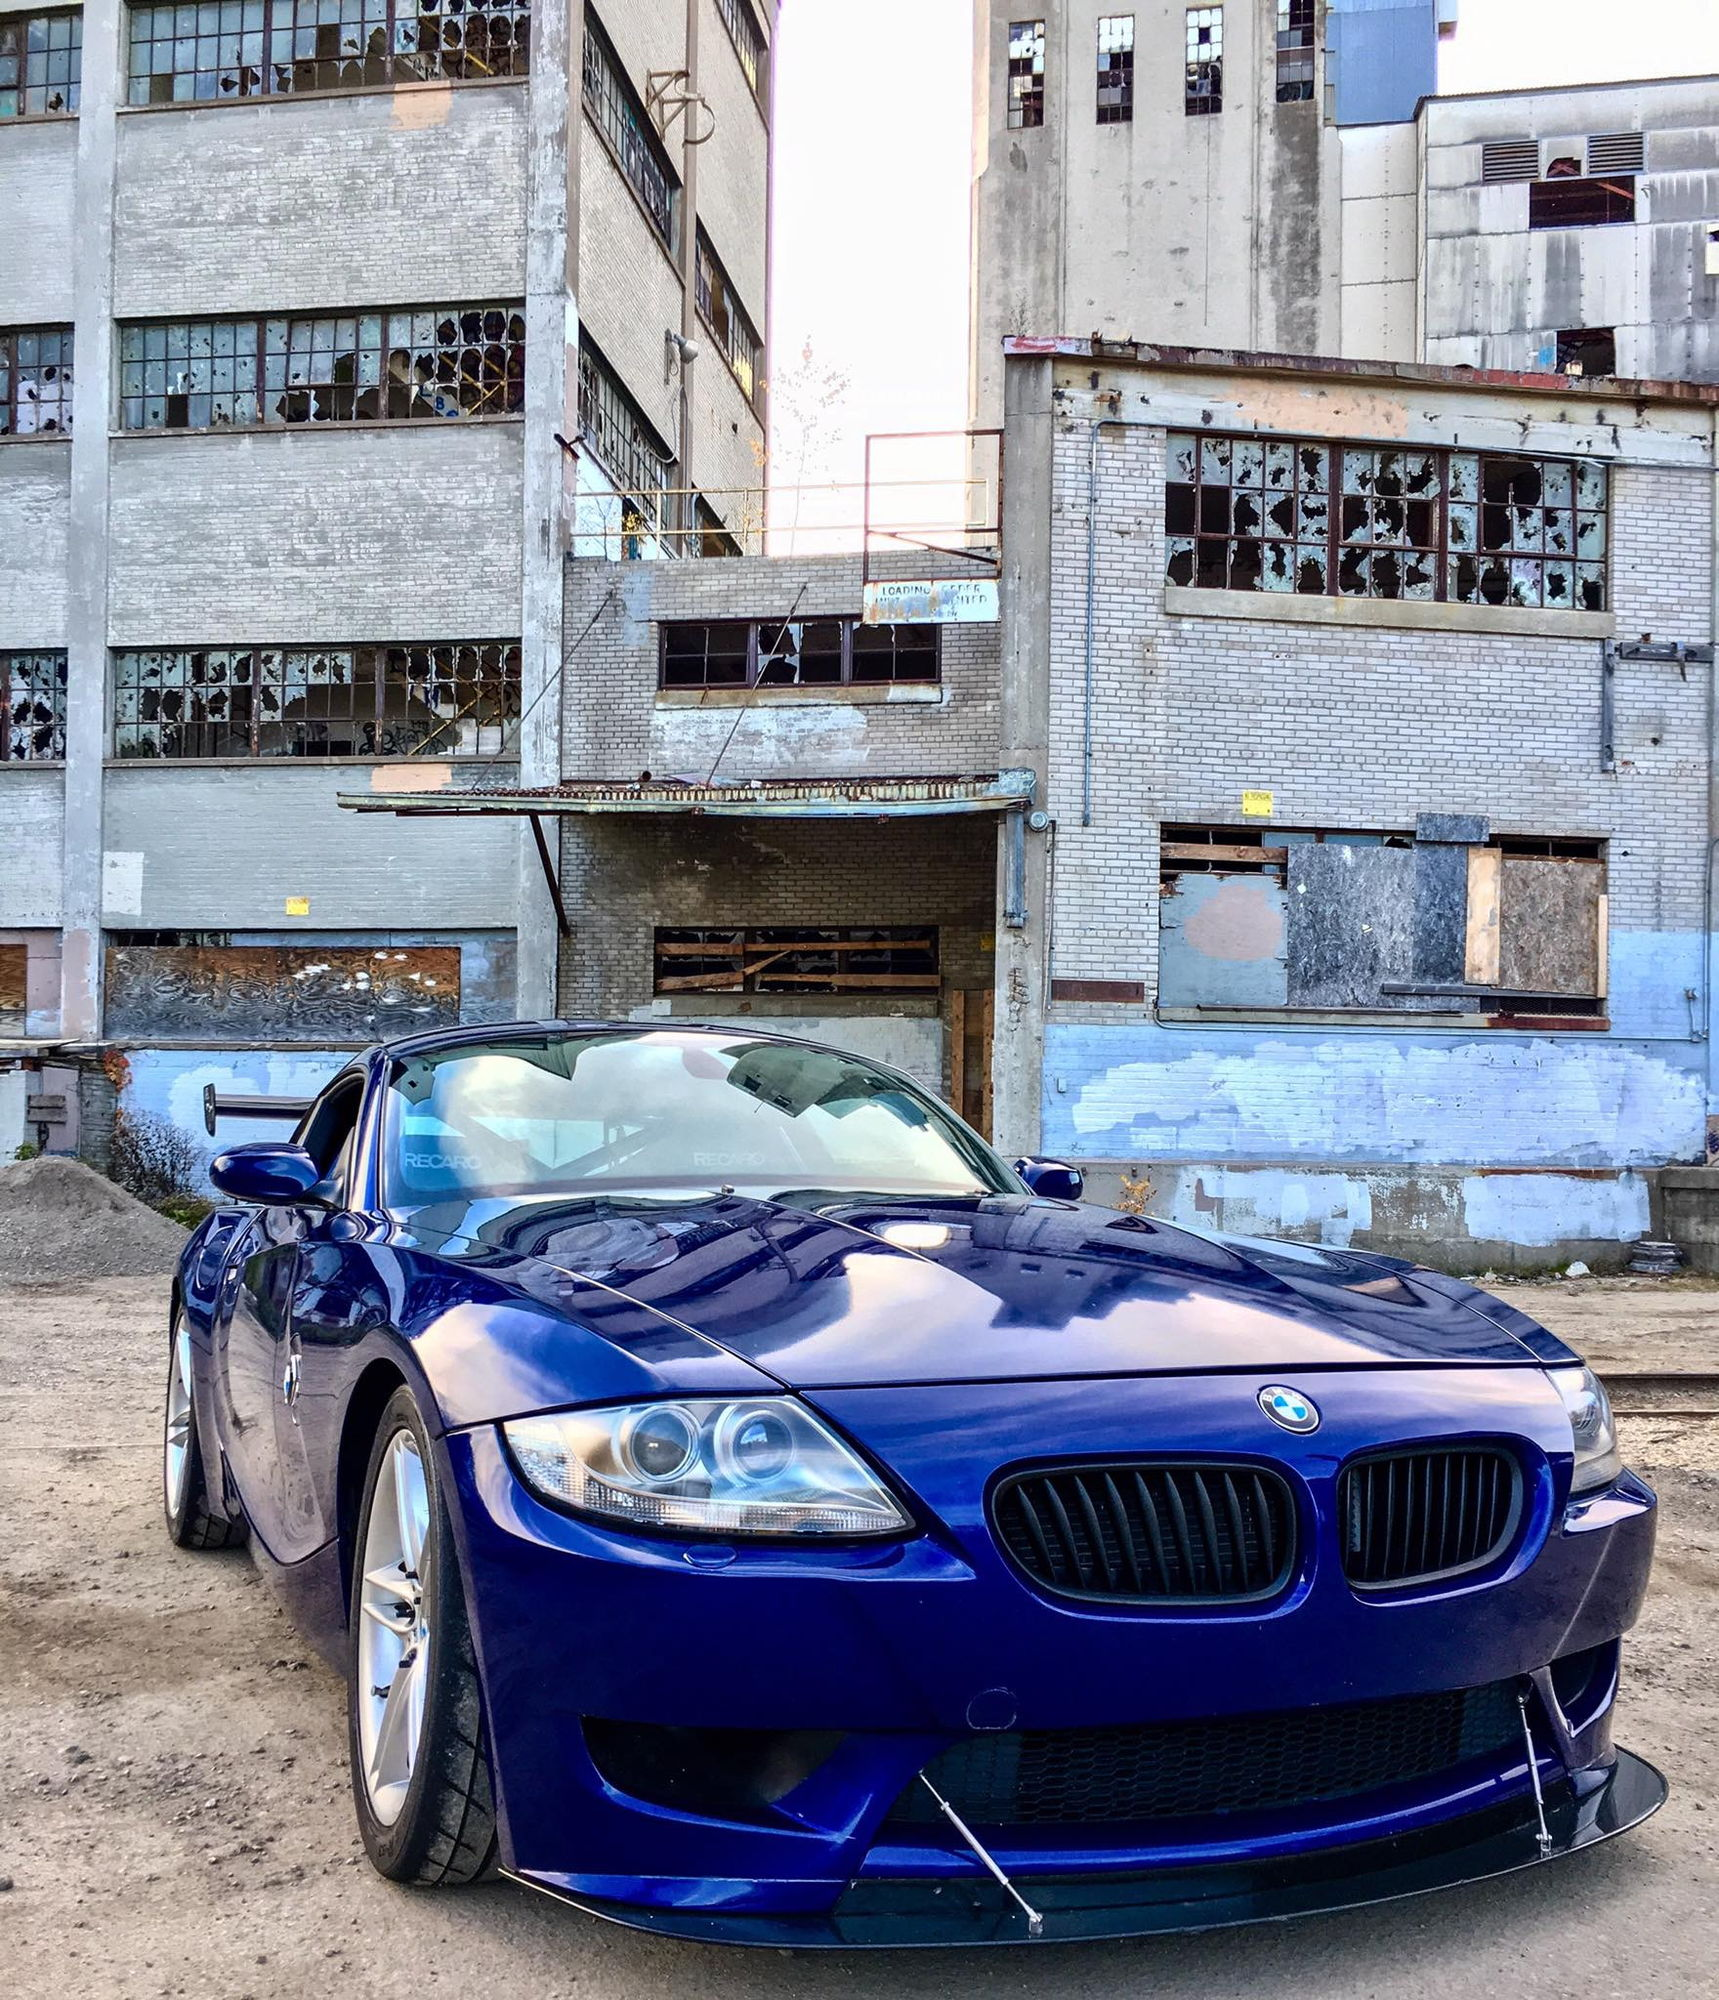 Bmw Z4m Coupe: 2006 BMW Z4M Coupe Track Car